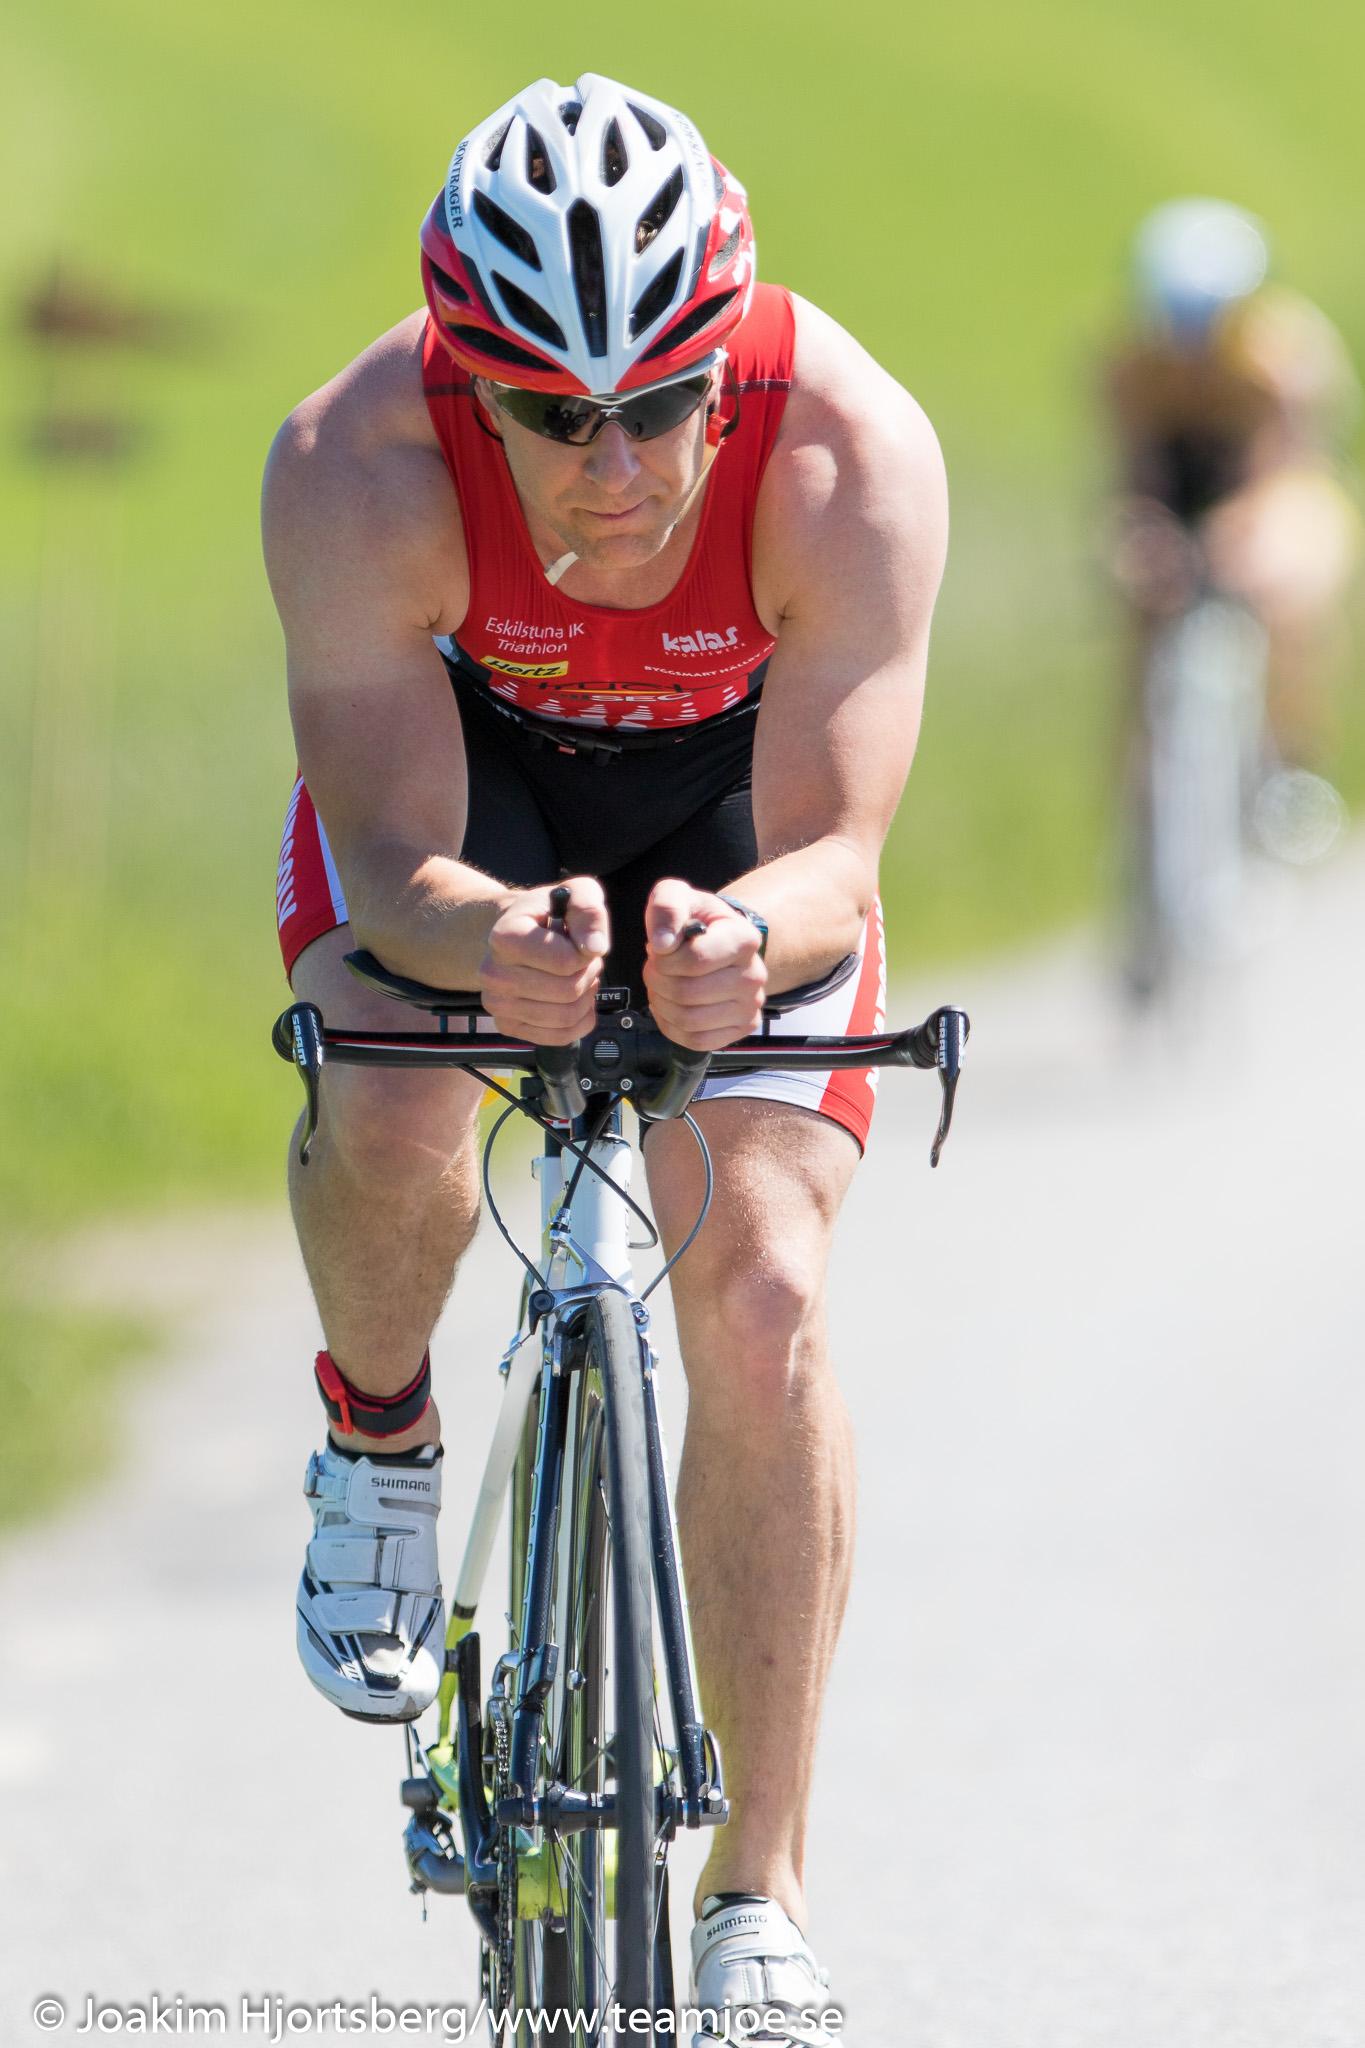 20160606_1131-2 Örebro Triathlon